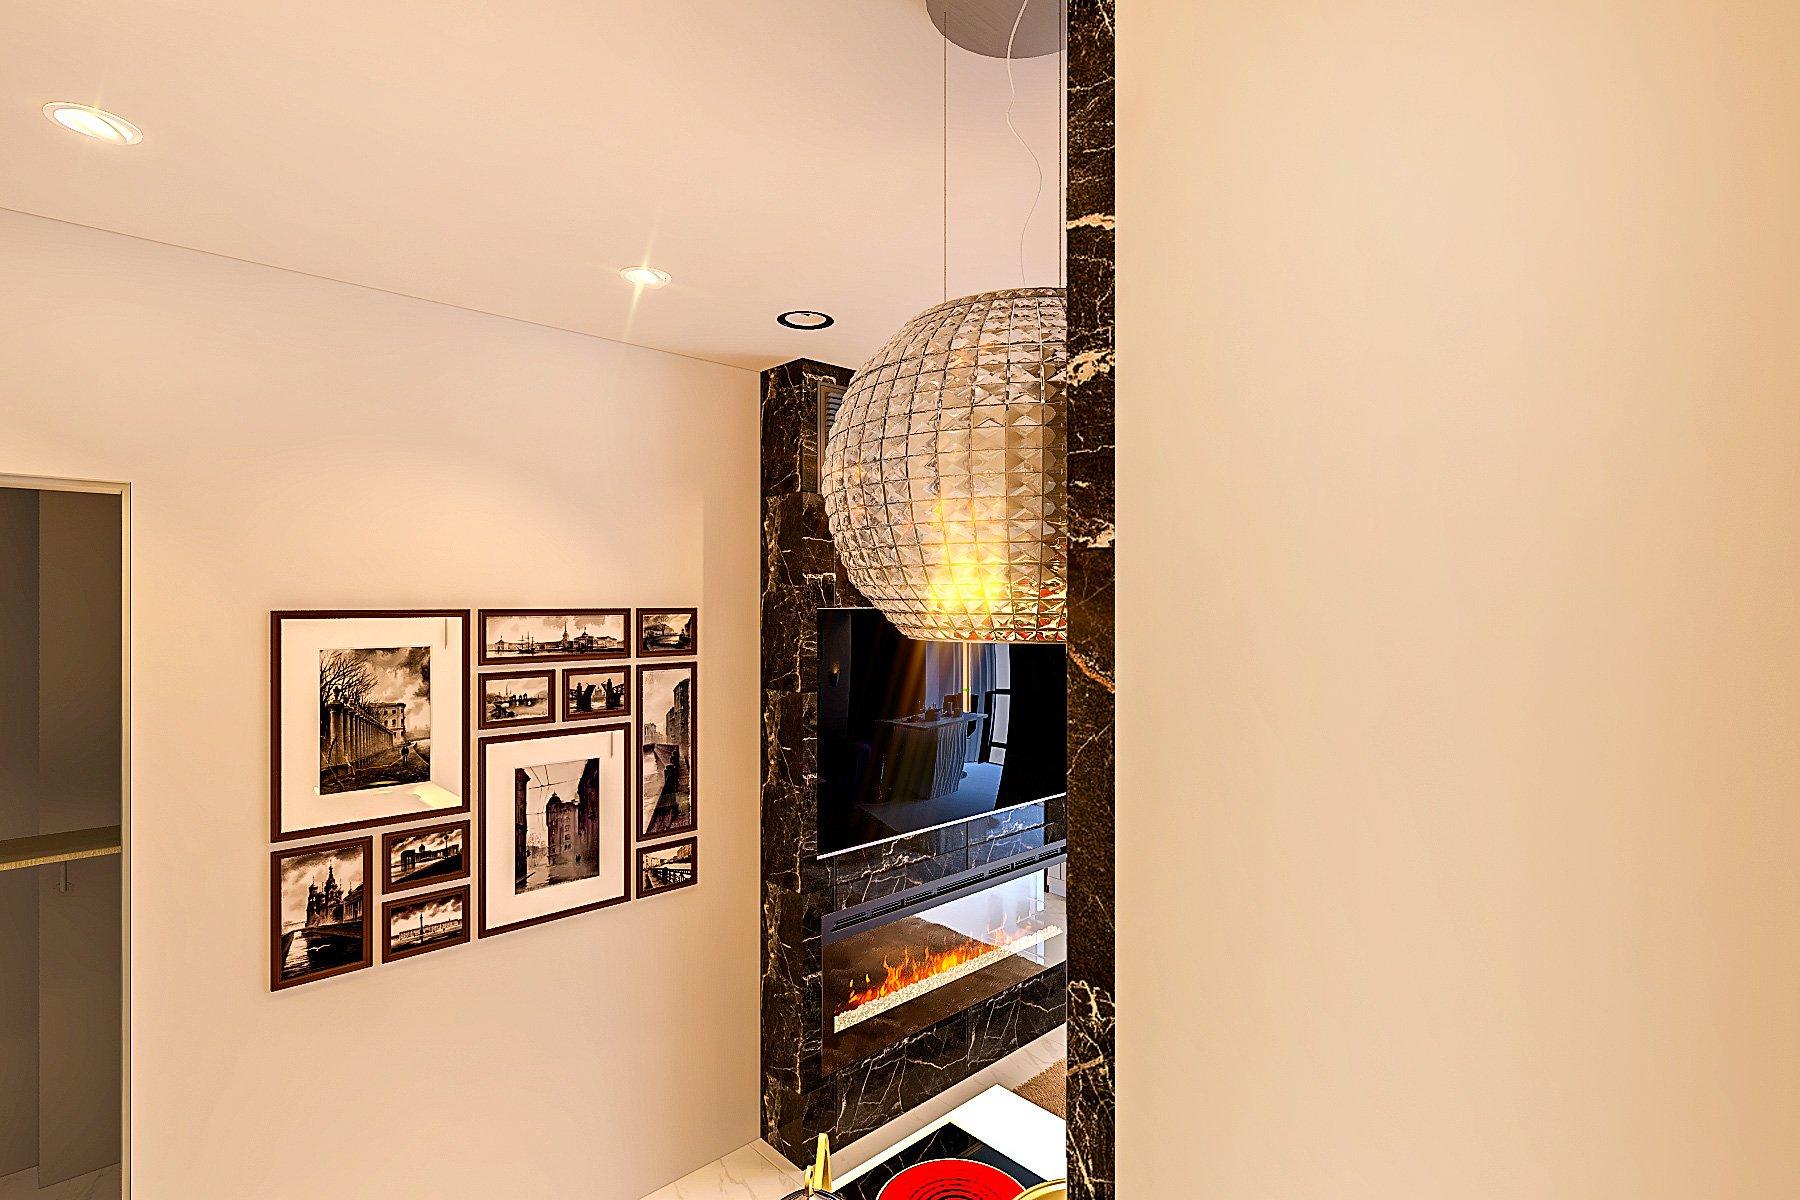 вид из зоны кухни на красивую вытяжку над варочной панелью, и зону гостиной с камином, телевизором